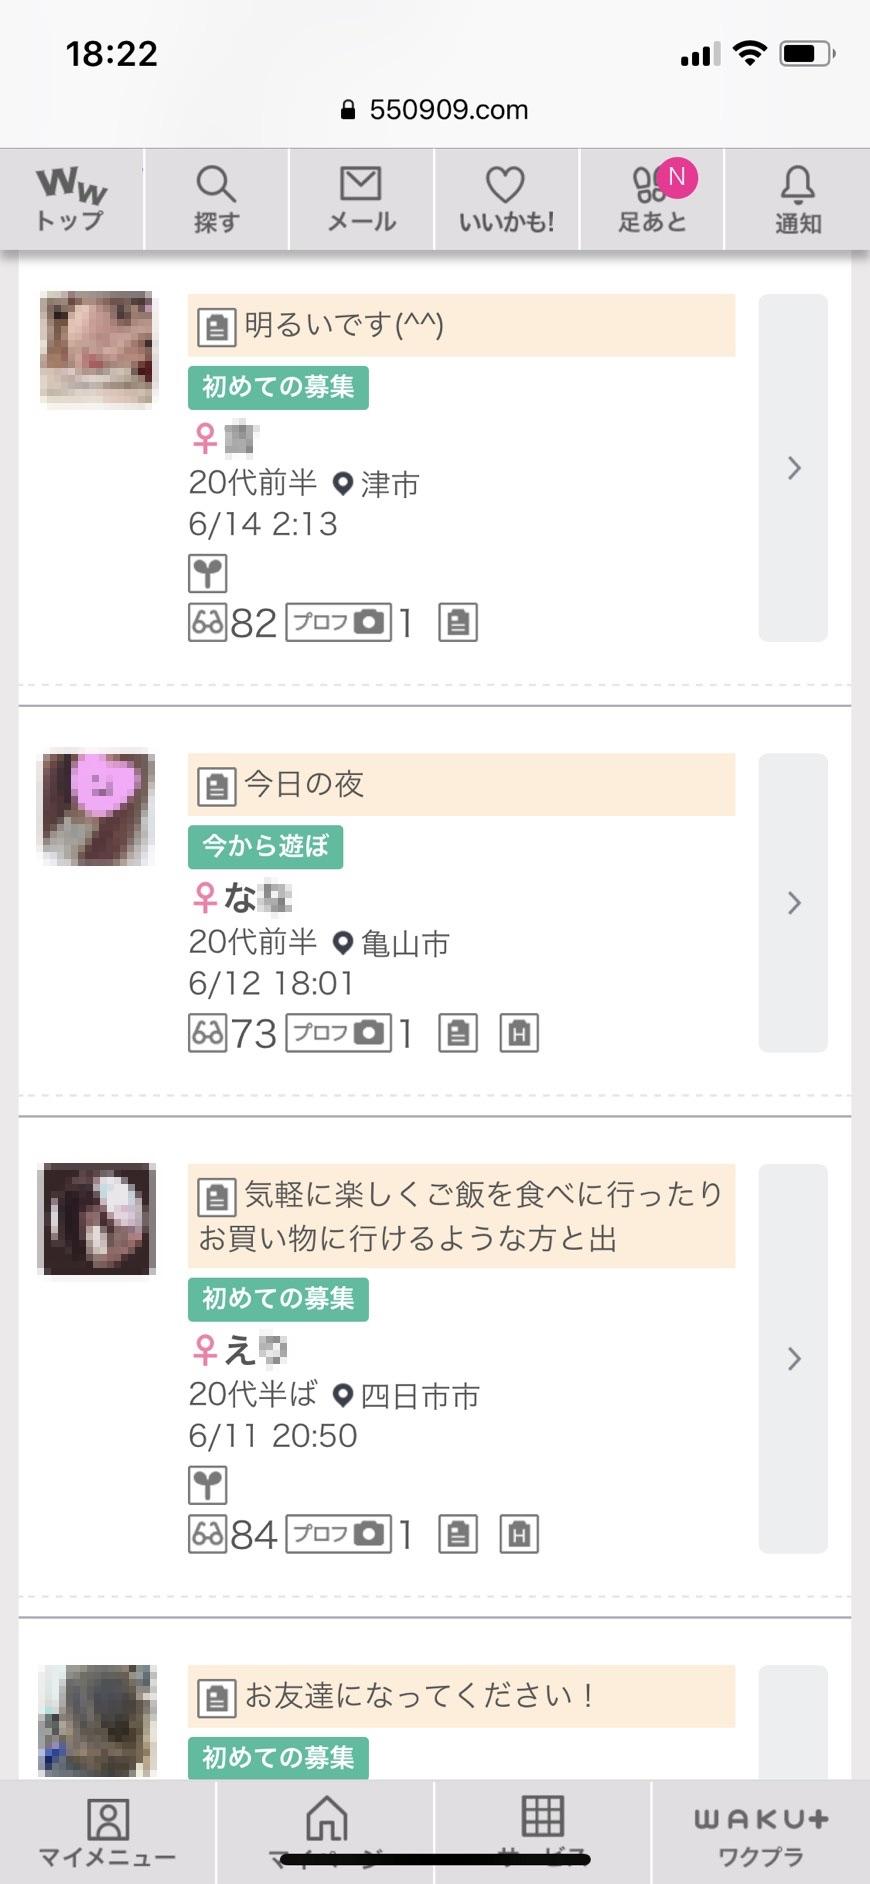 三重・出会い希望(ワクワクメール)